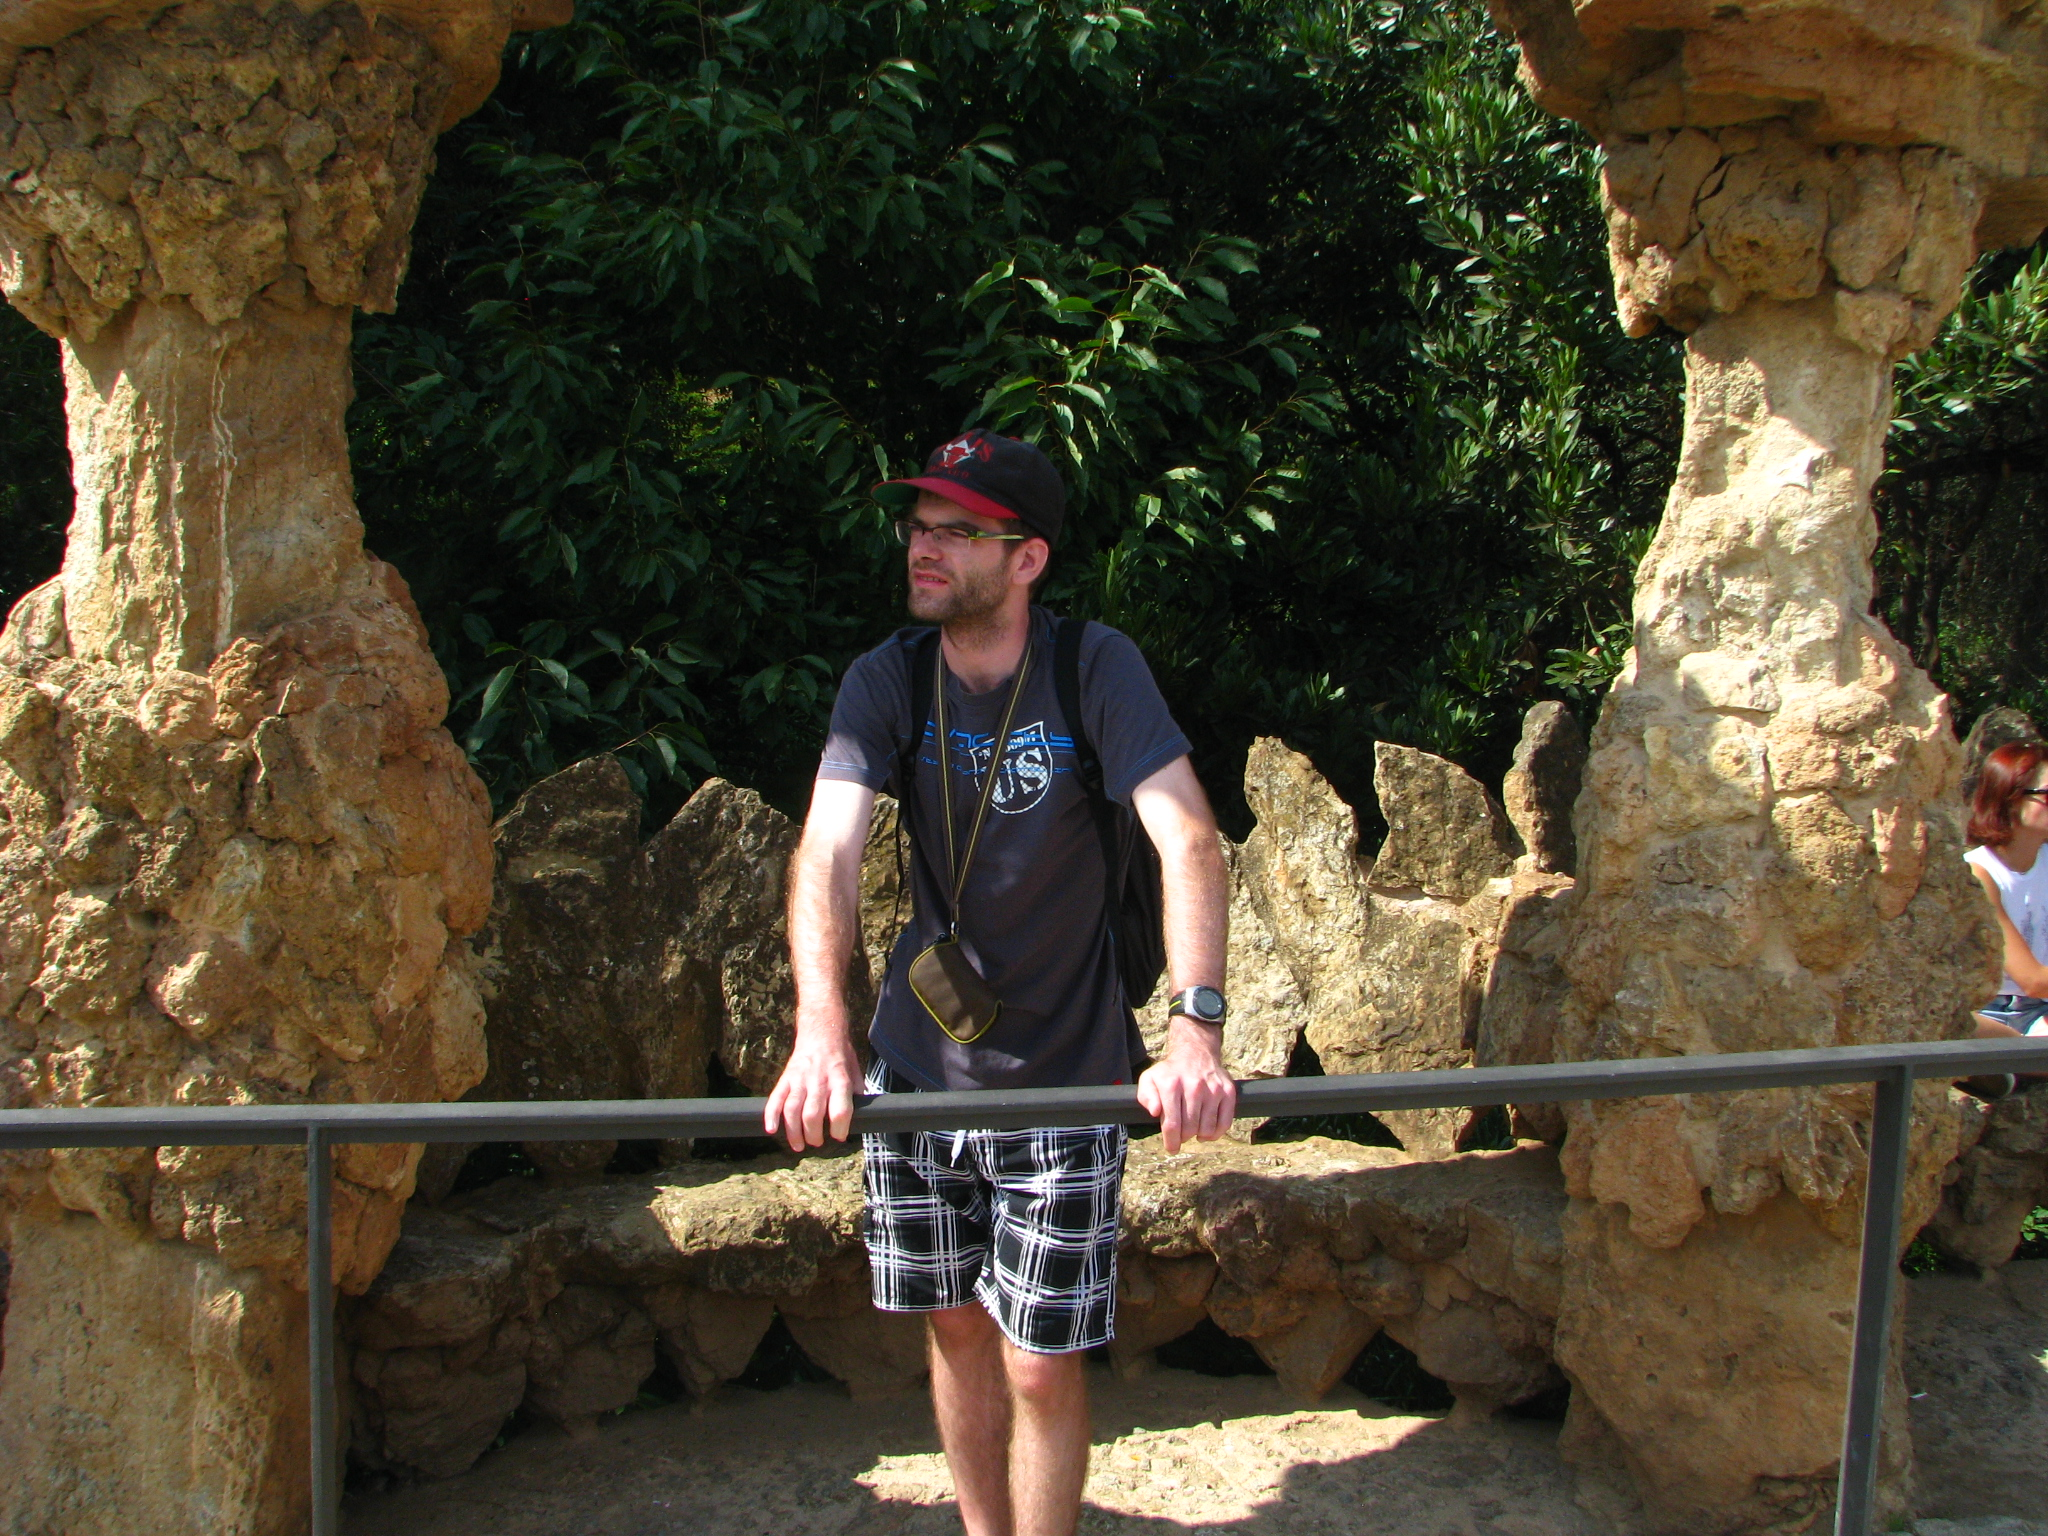 terasová cesta v parku Güell